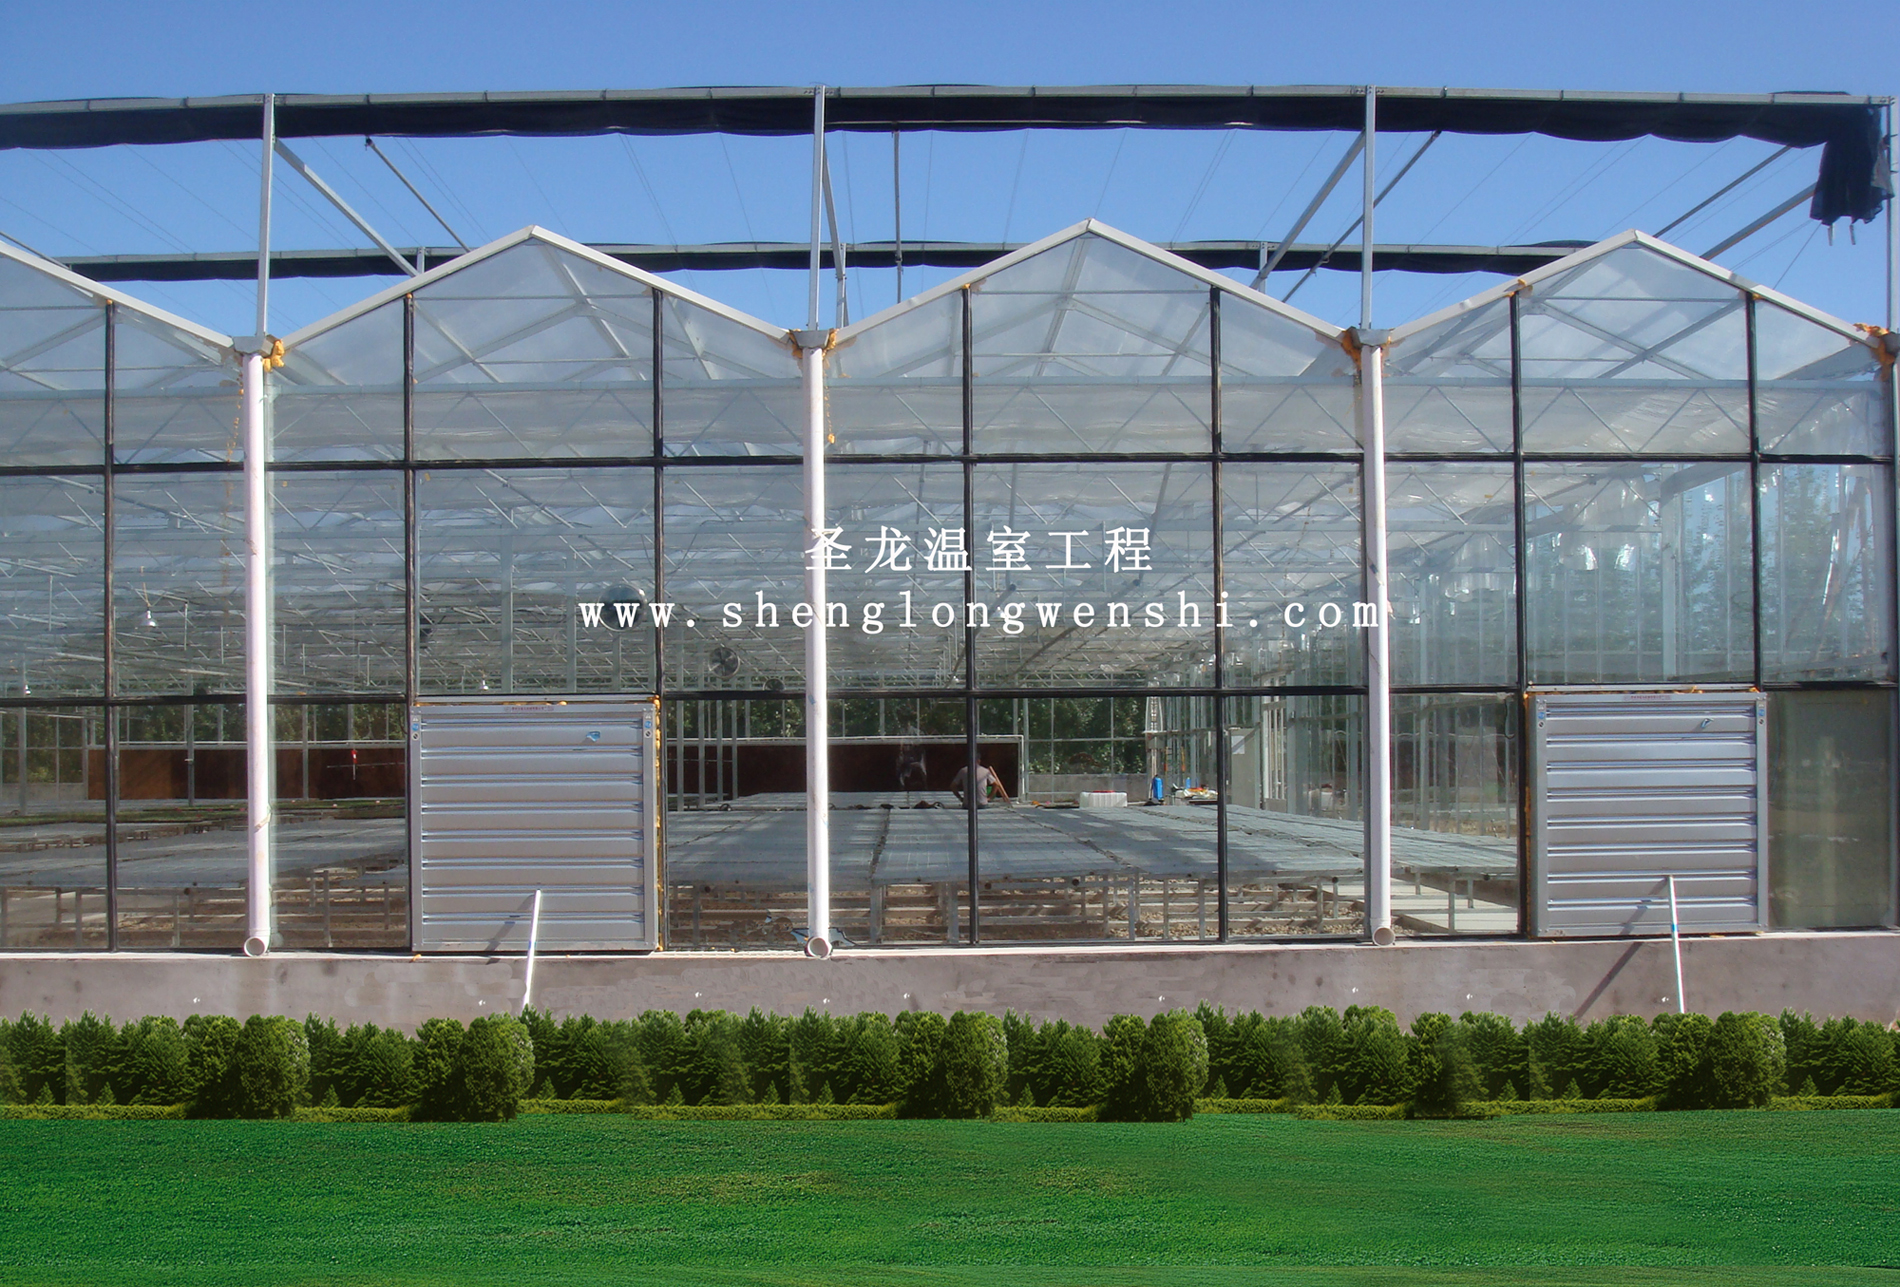 供应玻璃连栋温室大棚,双层中空玻璃温室 ,个人,中国